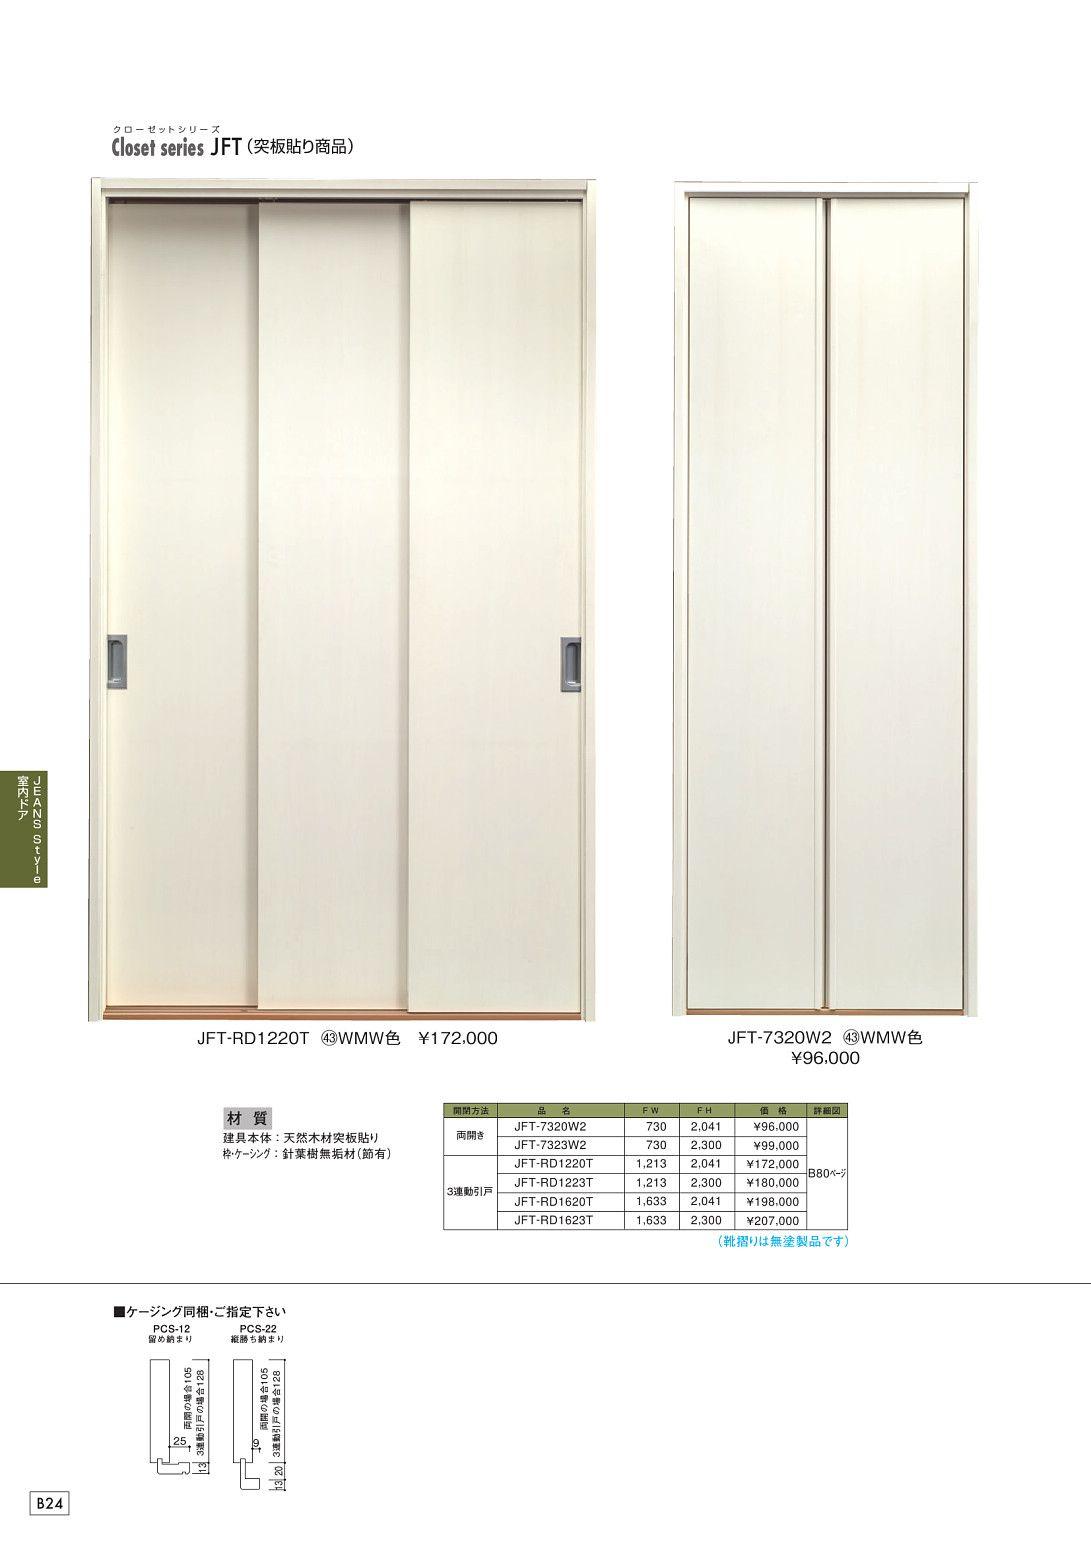 ユダ木工株式会社 木製ドアのカタログvol 36b カタログビュー 室内ドア 2019 木製室内ドア 木製ドア 室内ドア